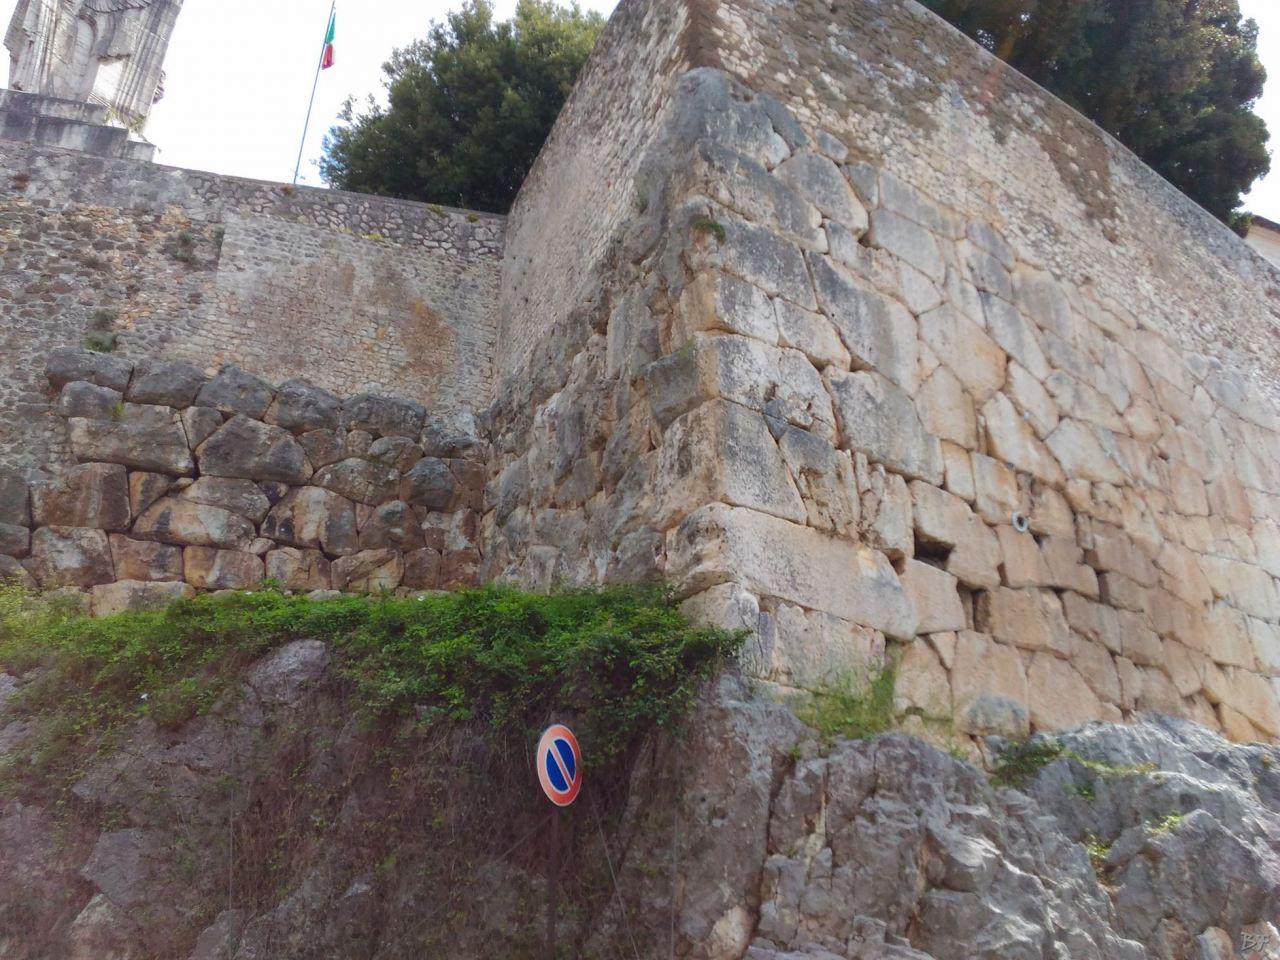 Cora-Mura-Poligonali-Megalitiche-Cori-Latina-Lazio-Italia-6